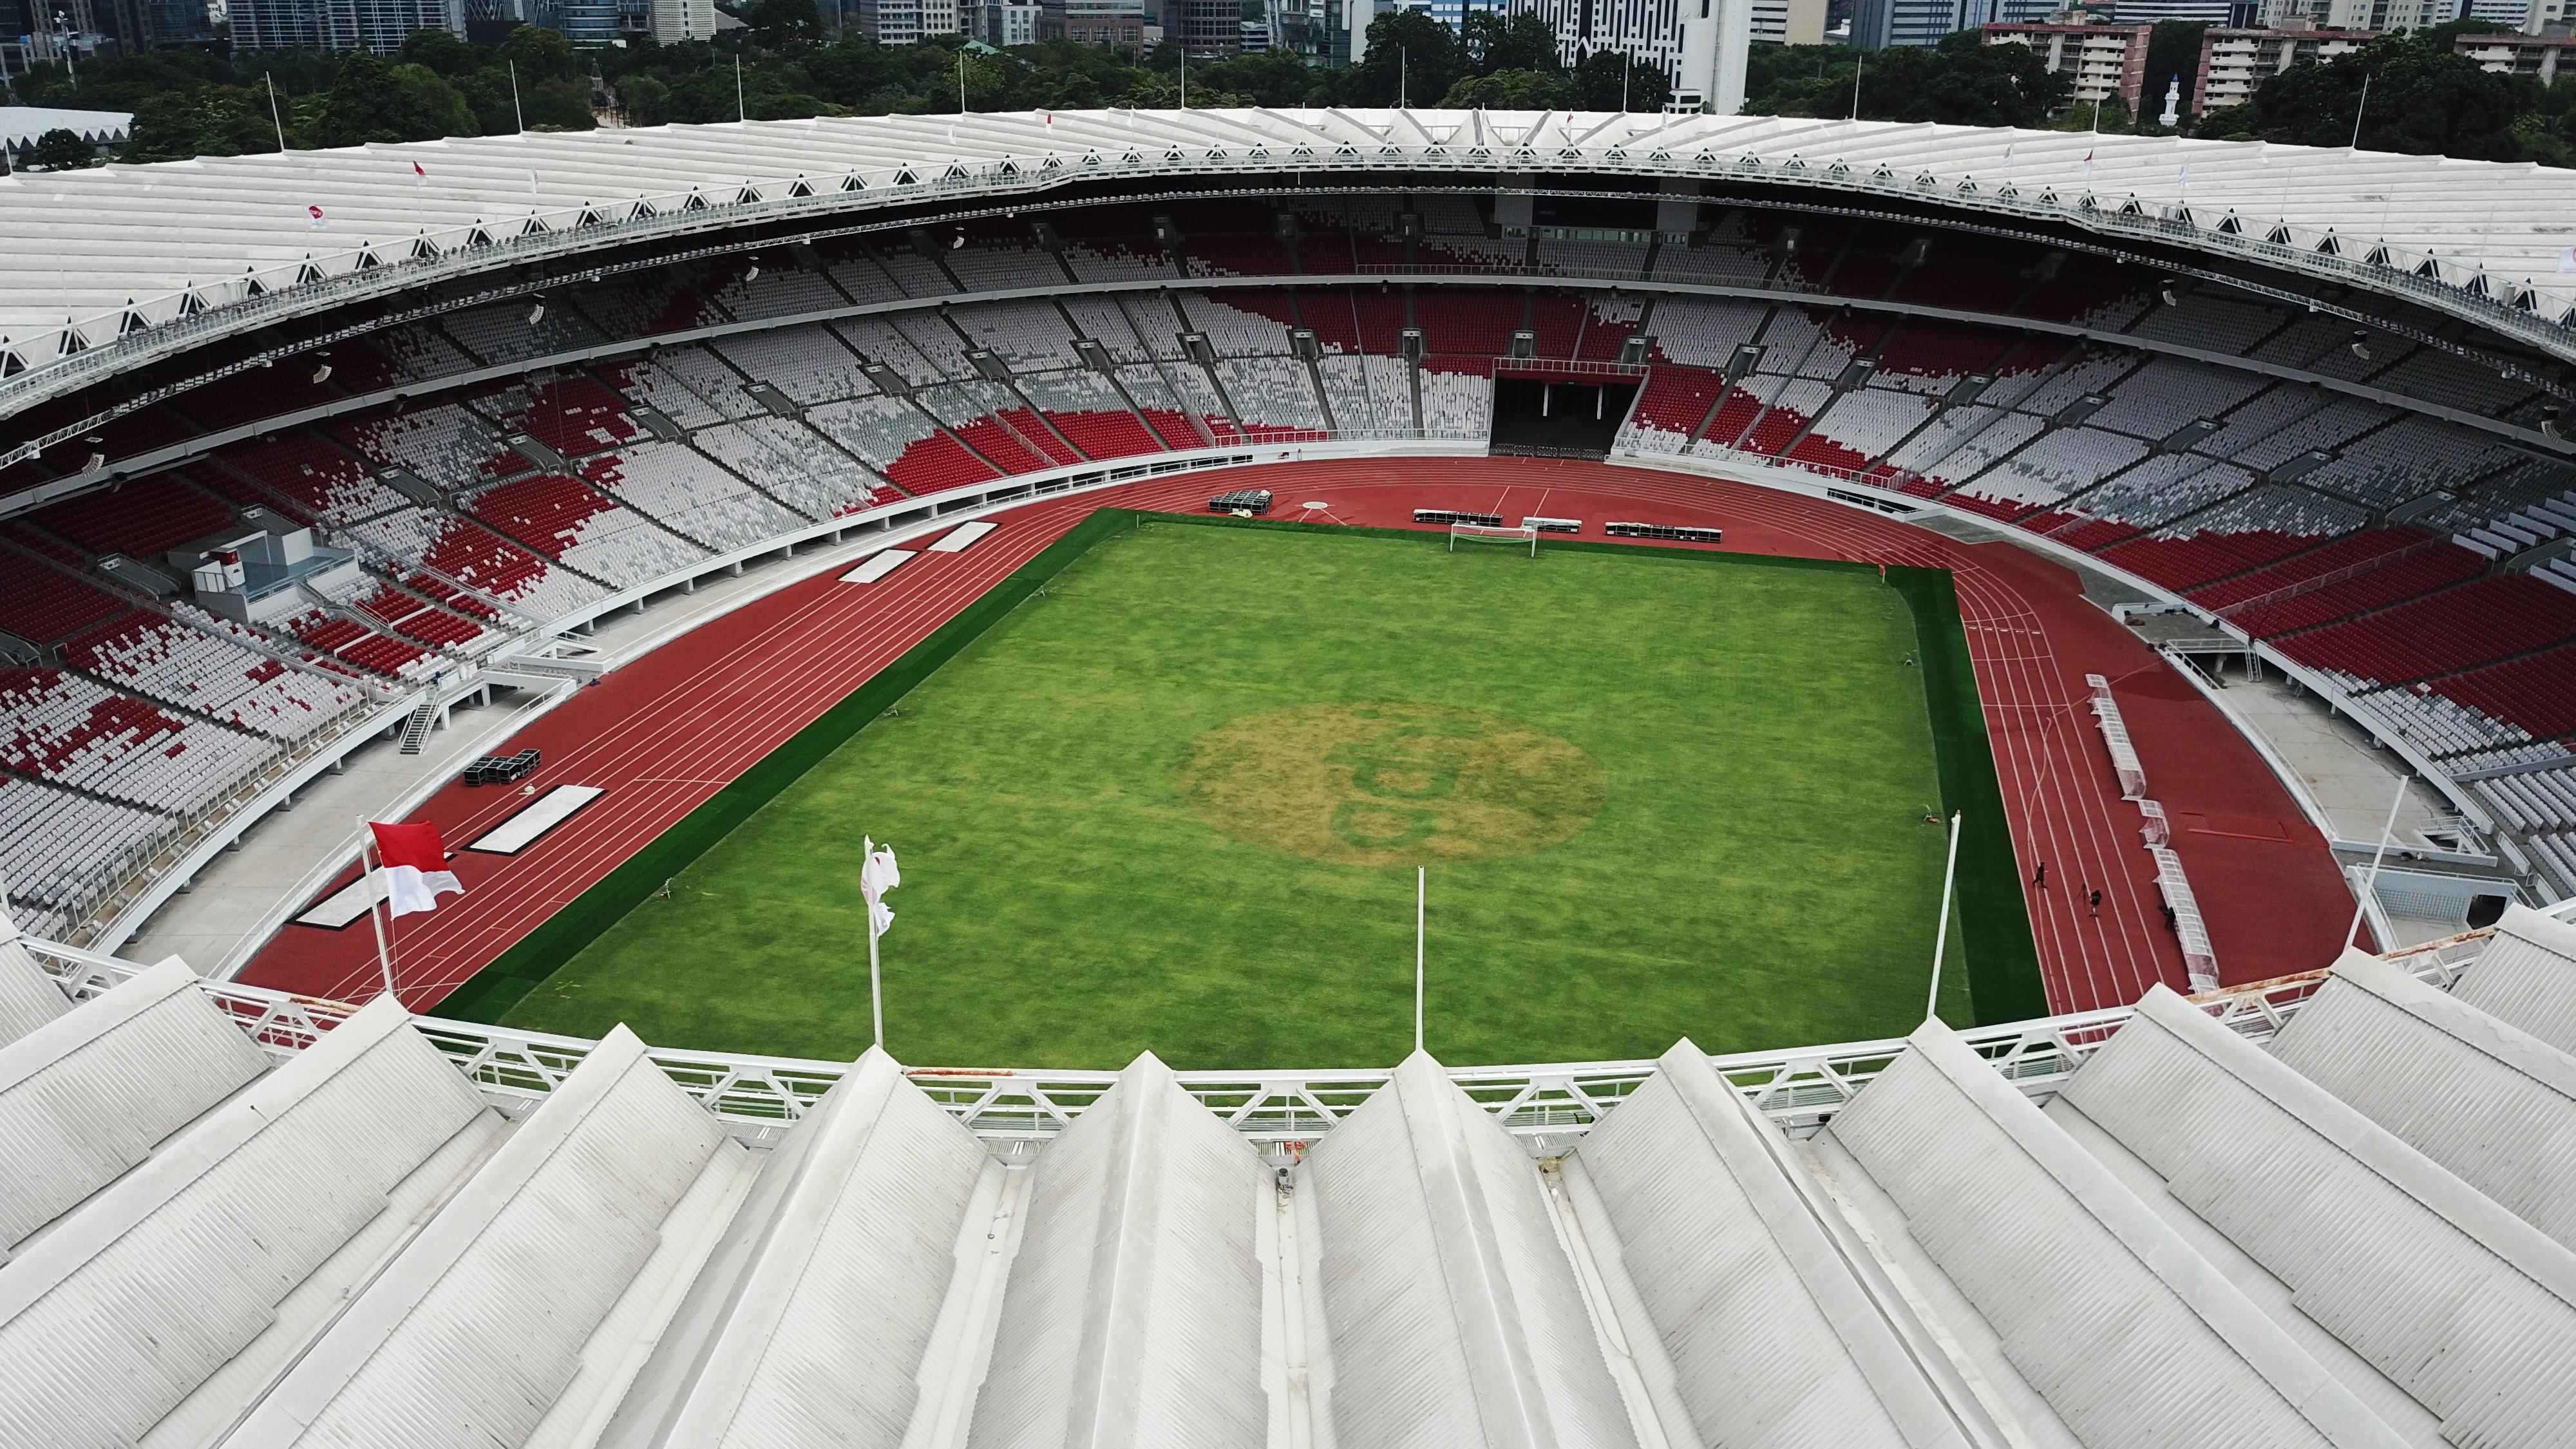 Intip Fasilitas Terbaru Stadion Utama GBK